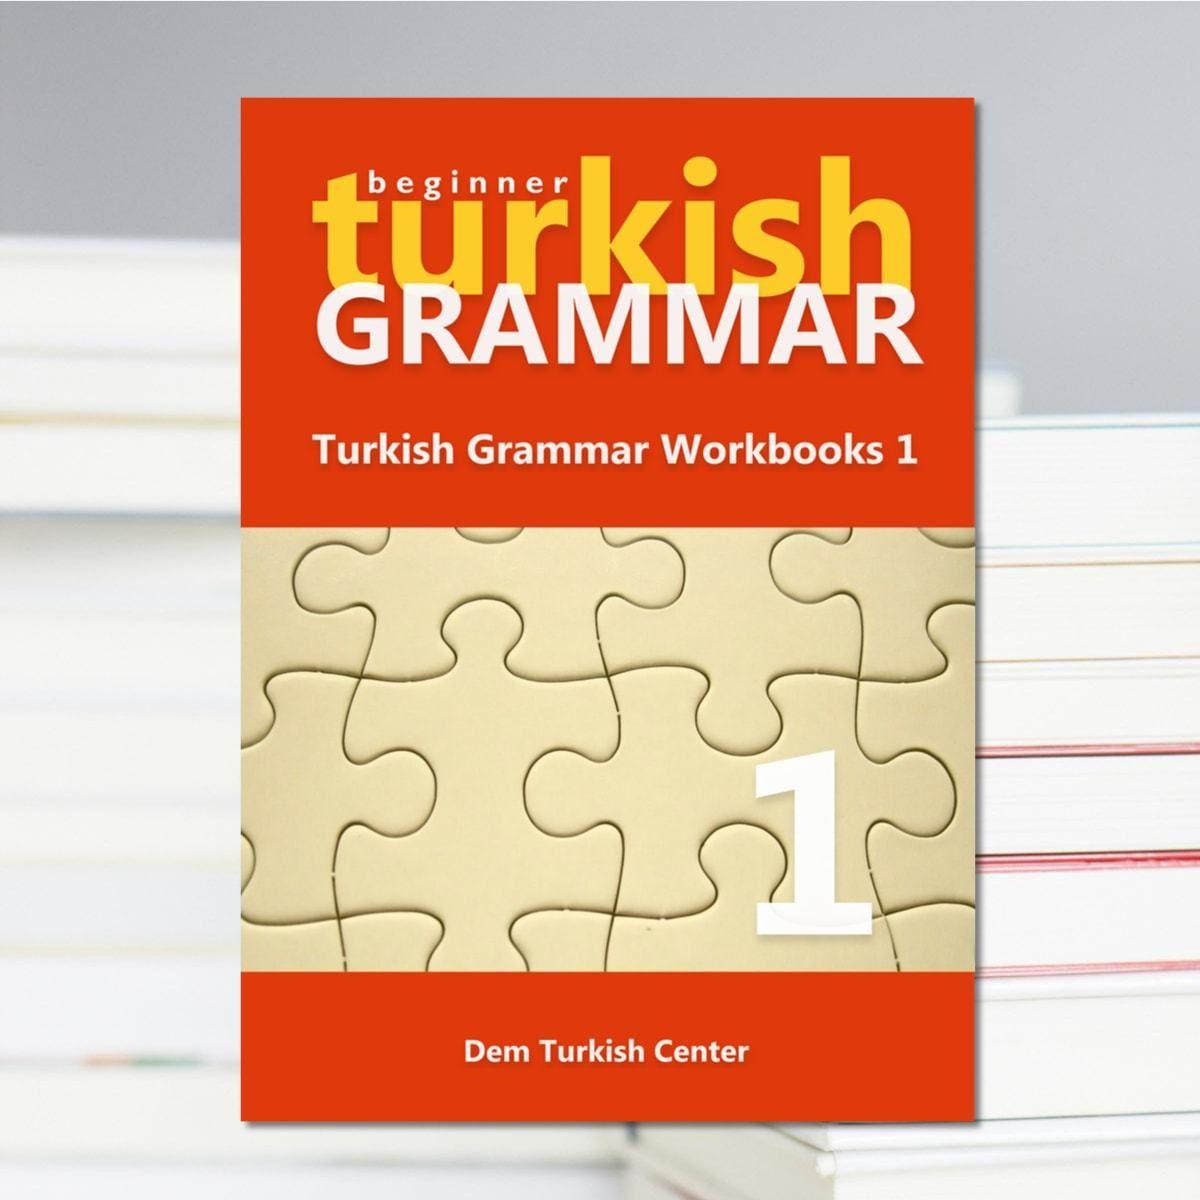 Turkish Grammar Workbooks 1